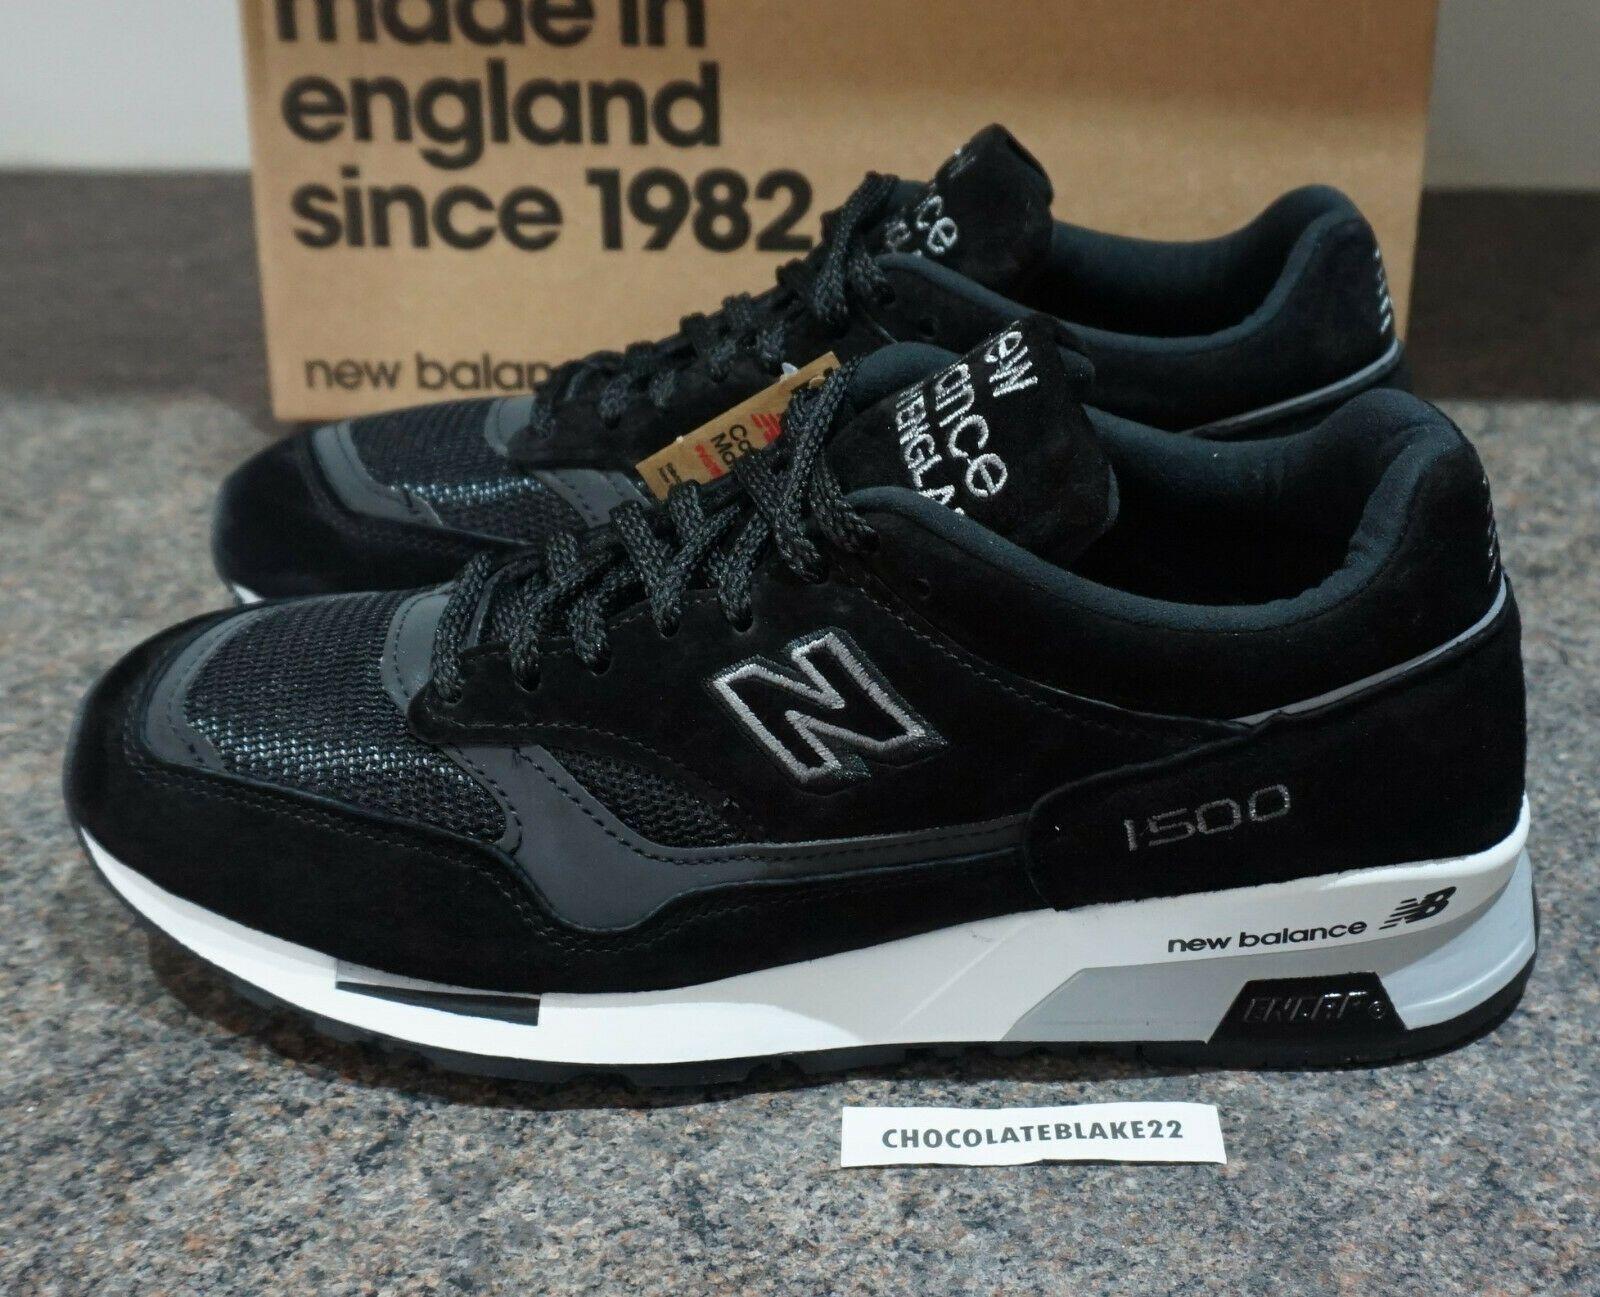 on sale a8af3 d8bc6 Balance M1500JKK UK 7 1500 577 997 Made in England | New ...